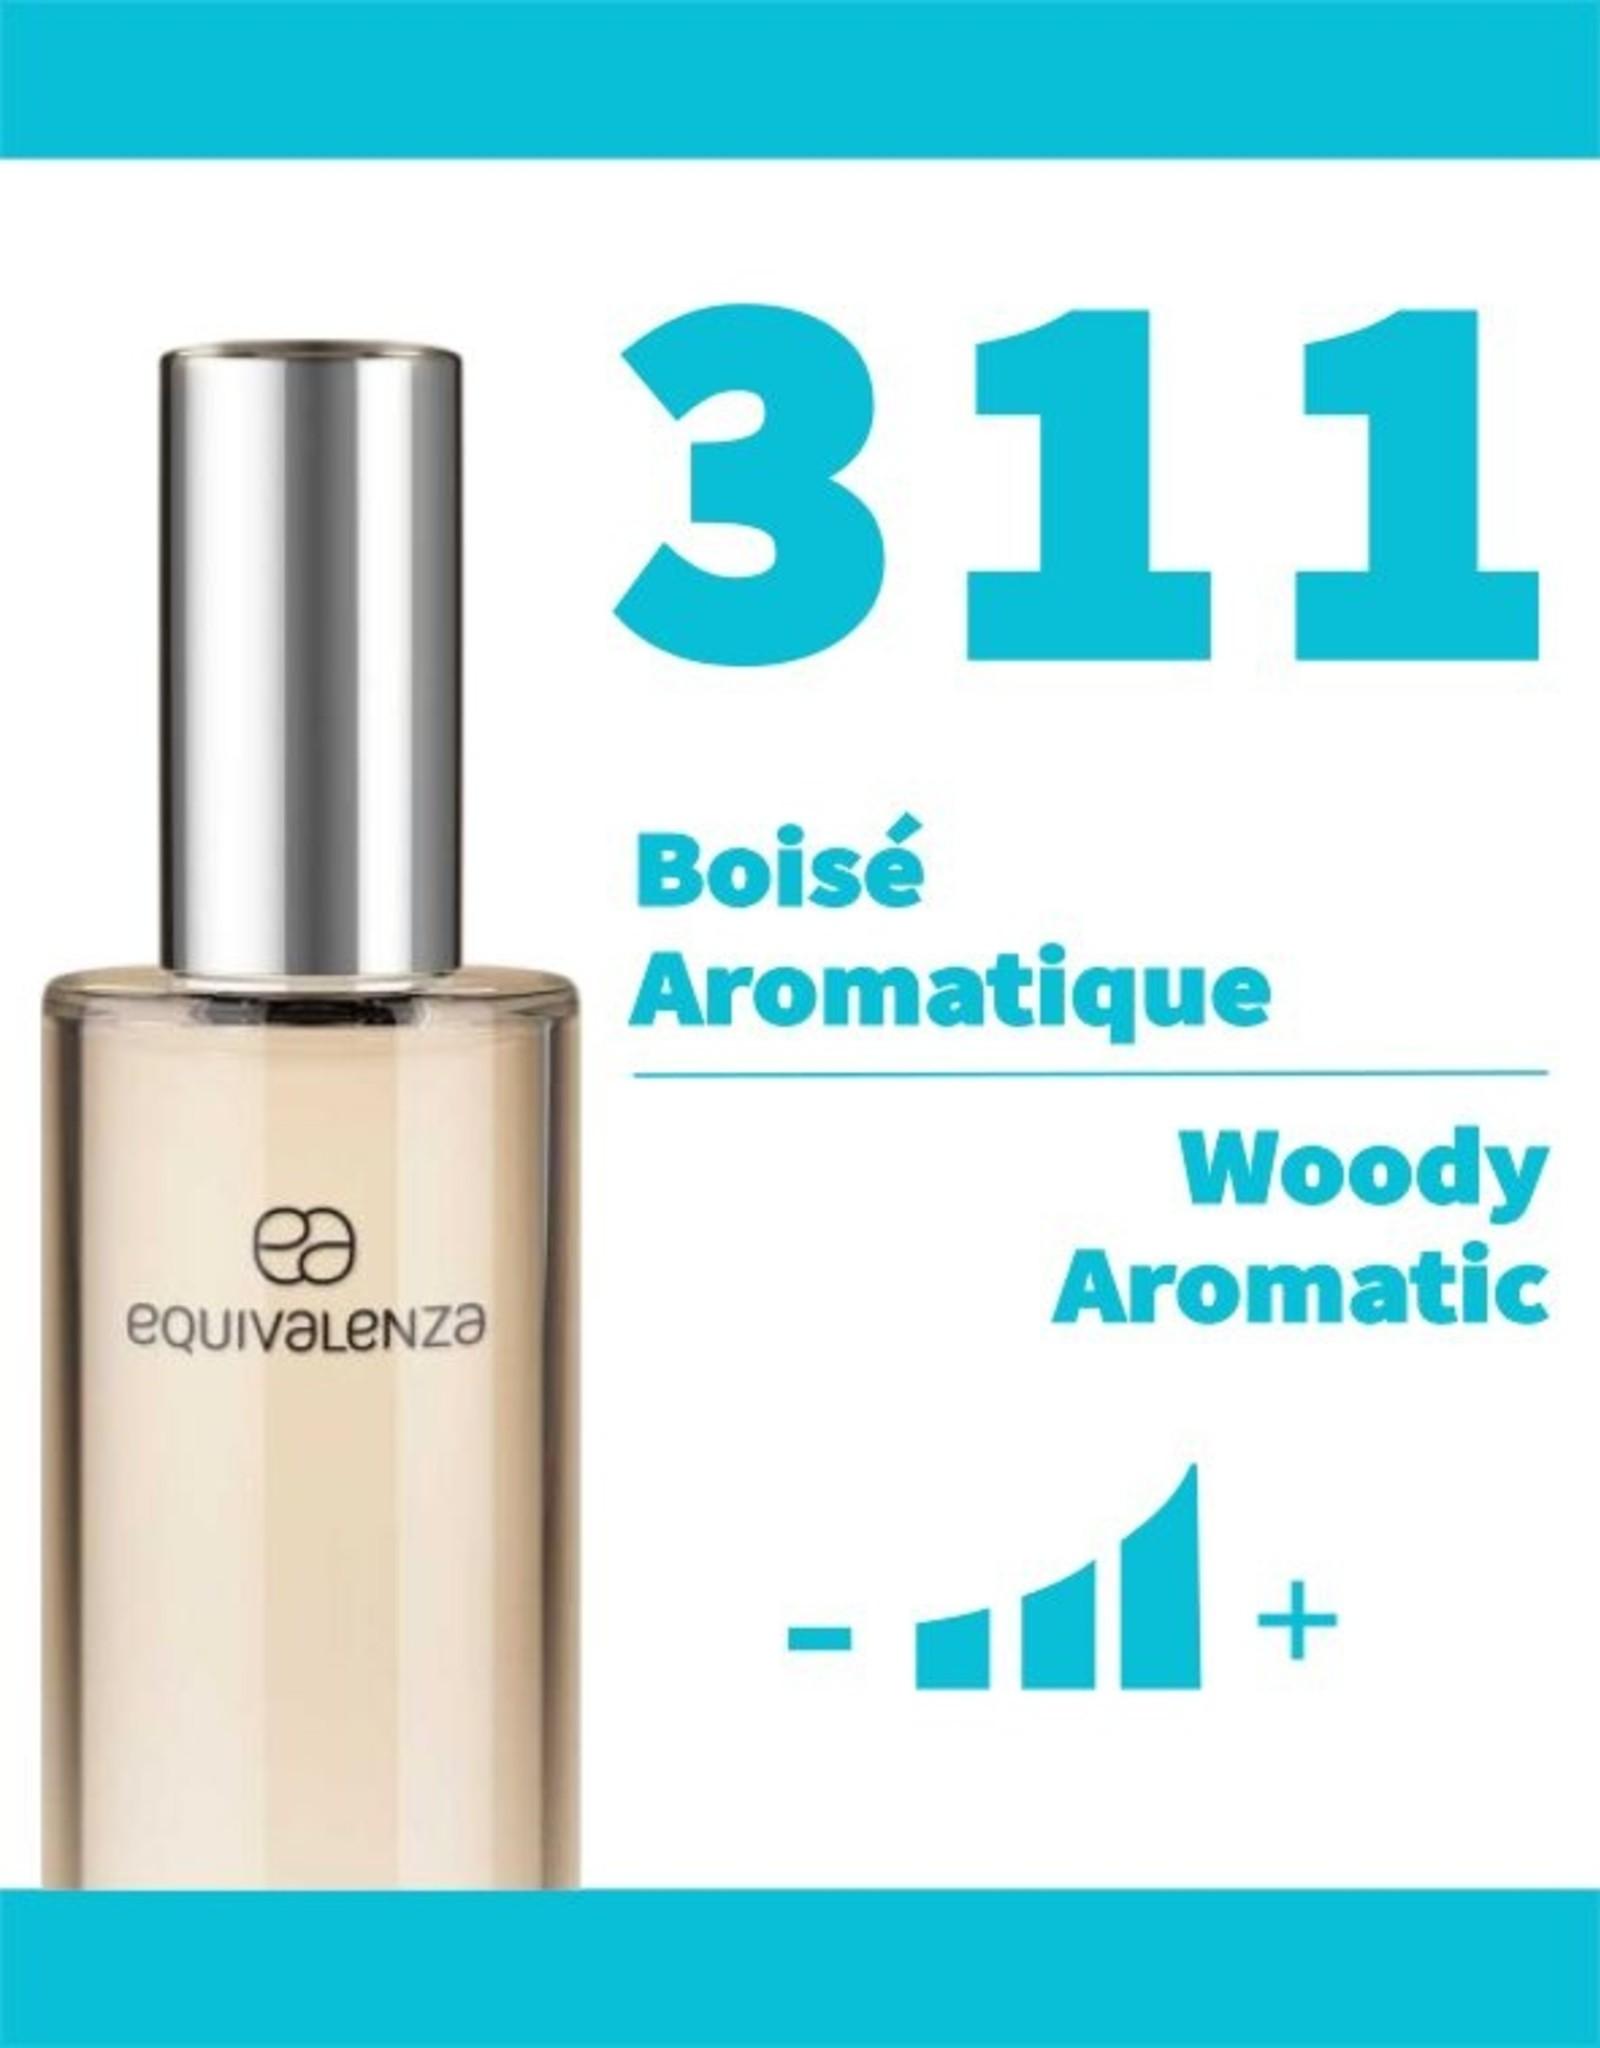 Equivalenza Eau de Parfum Boisé Aromatique 311